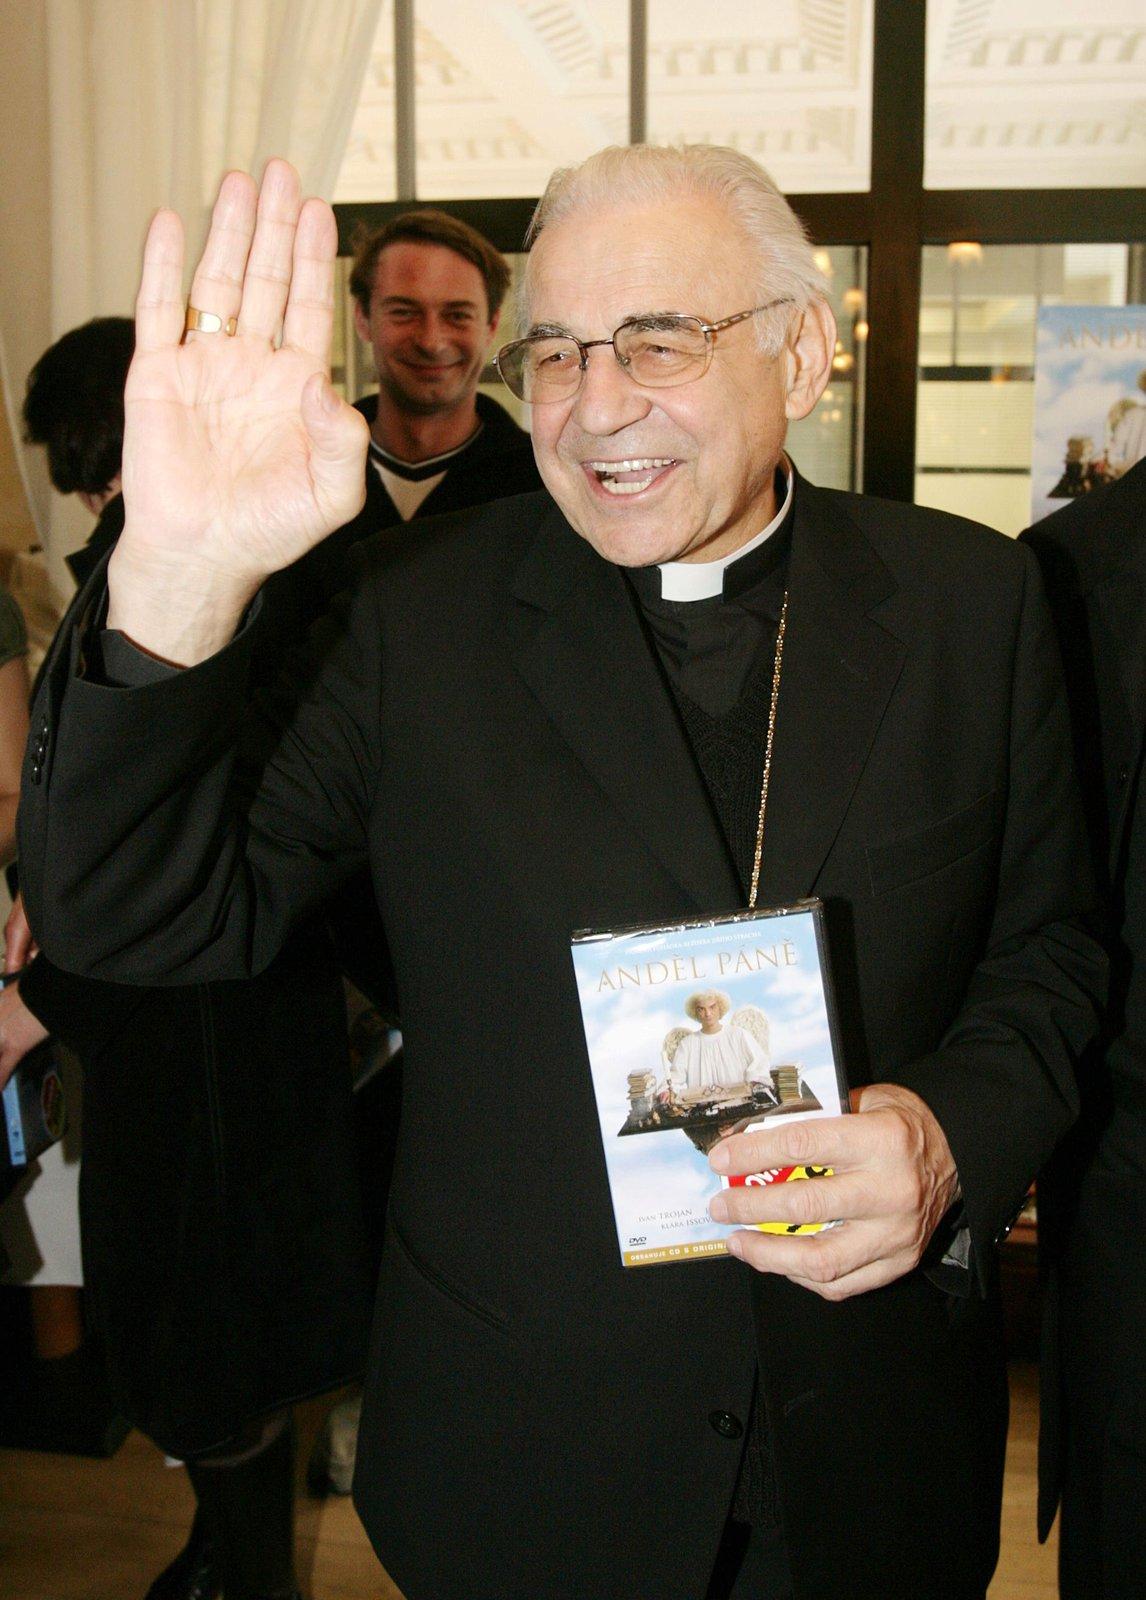 Kardinál Vlk podlehl rakovině. Z plic se rozšířila do kostí. Se smrtí byl smířený